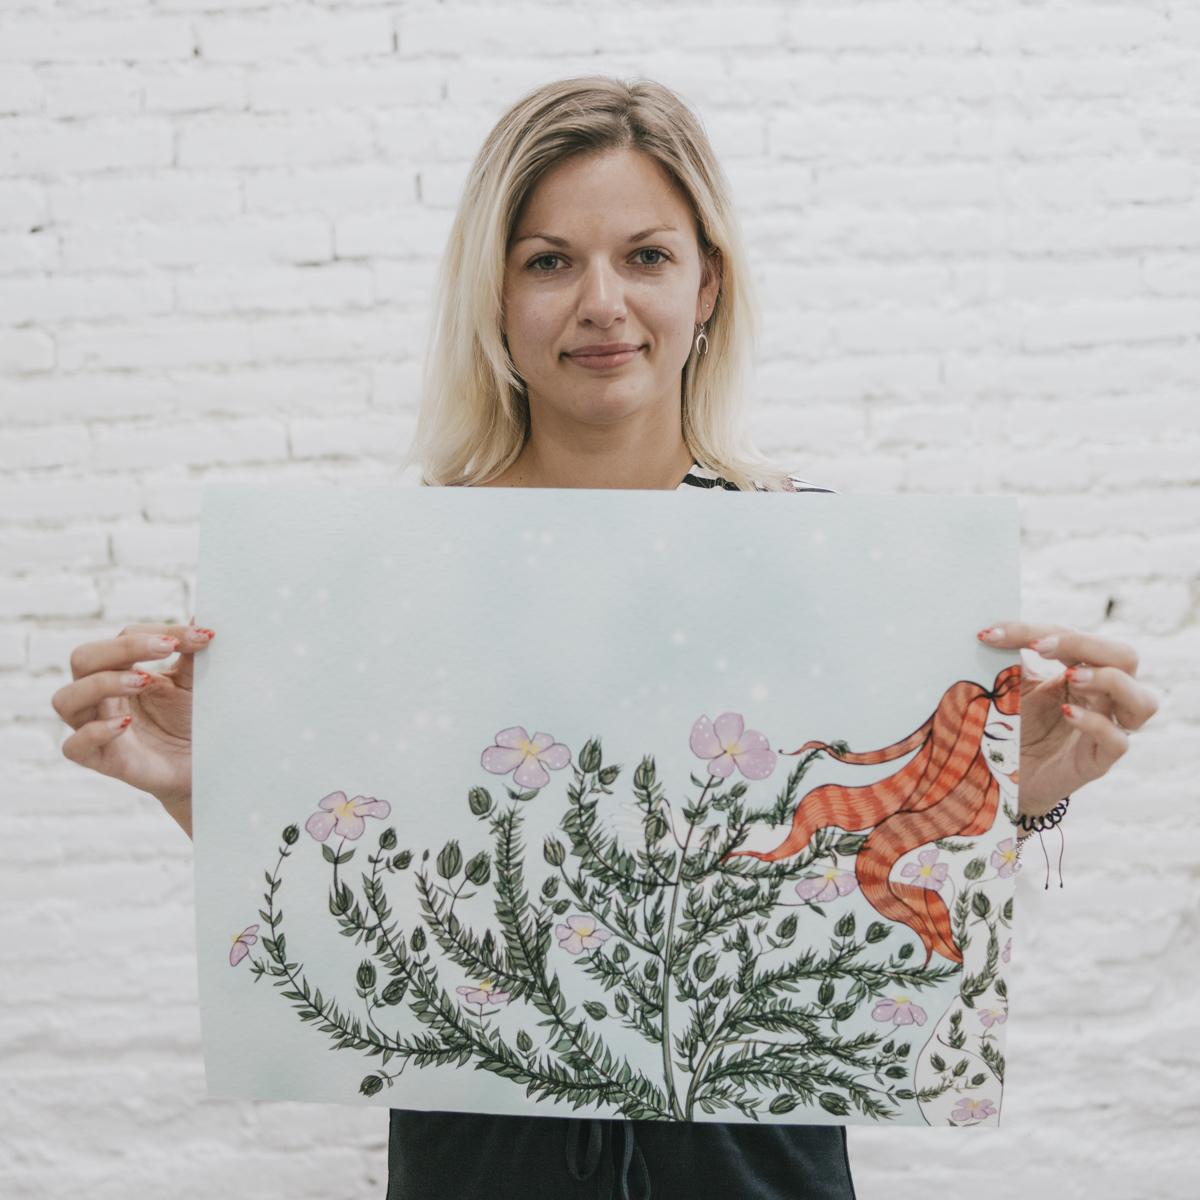 Retrato de Valeria Duka por La Cámara Roja